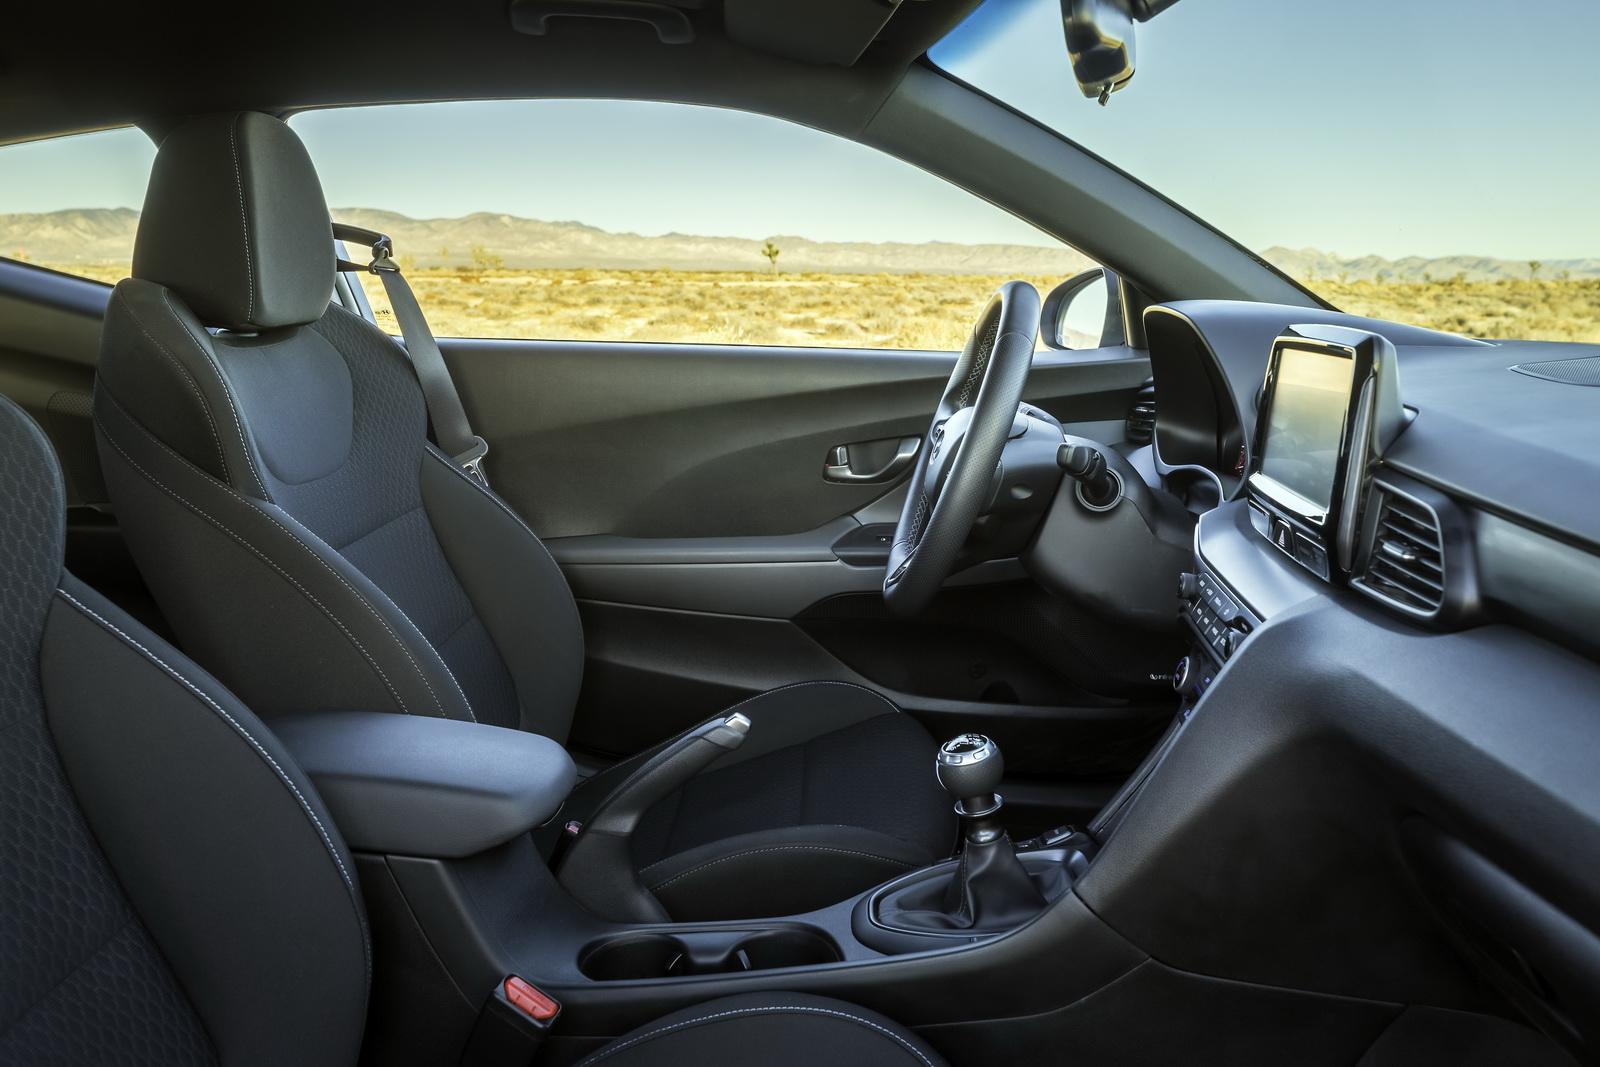 Hyundai Veloster N 2020 bất ngờ trình làng với hộp số hoàn toàn mới